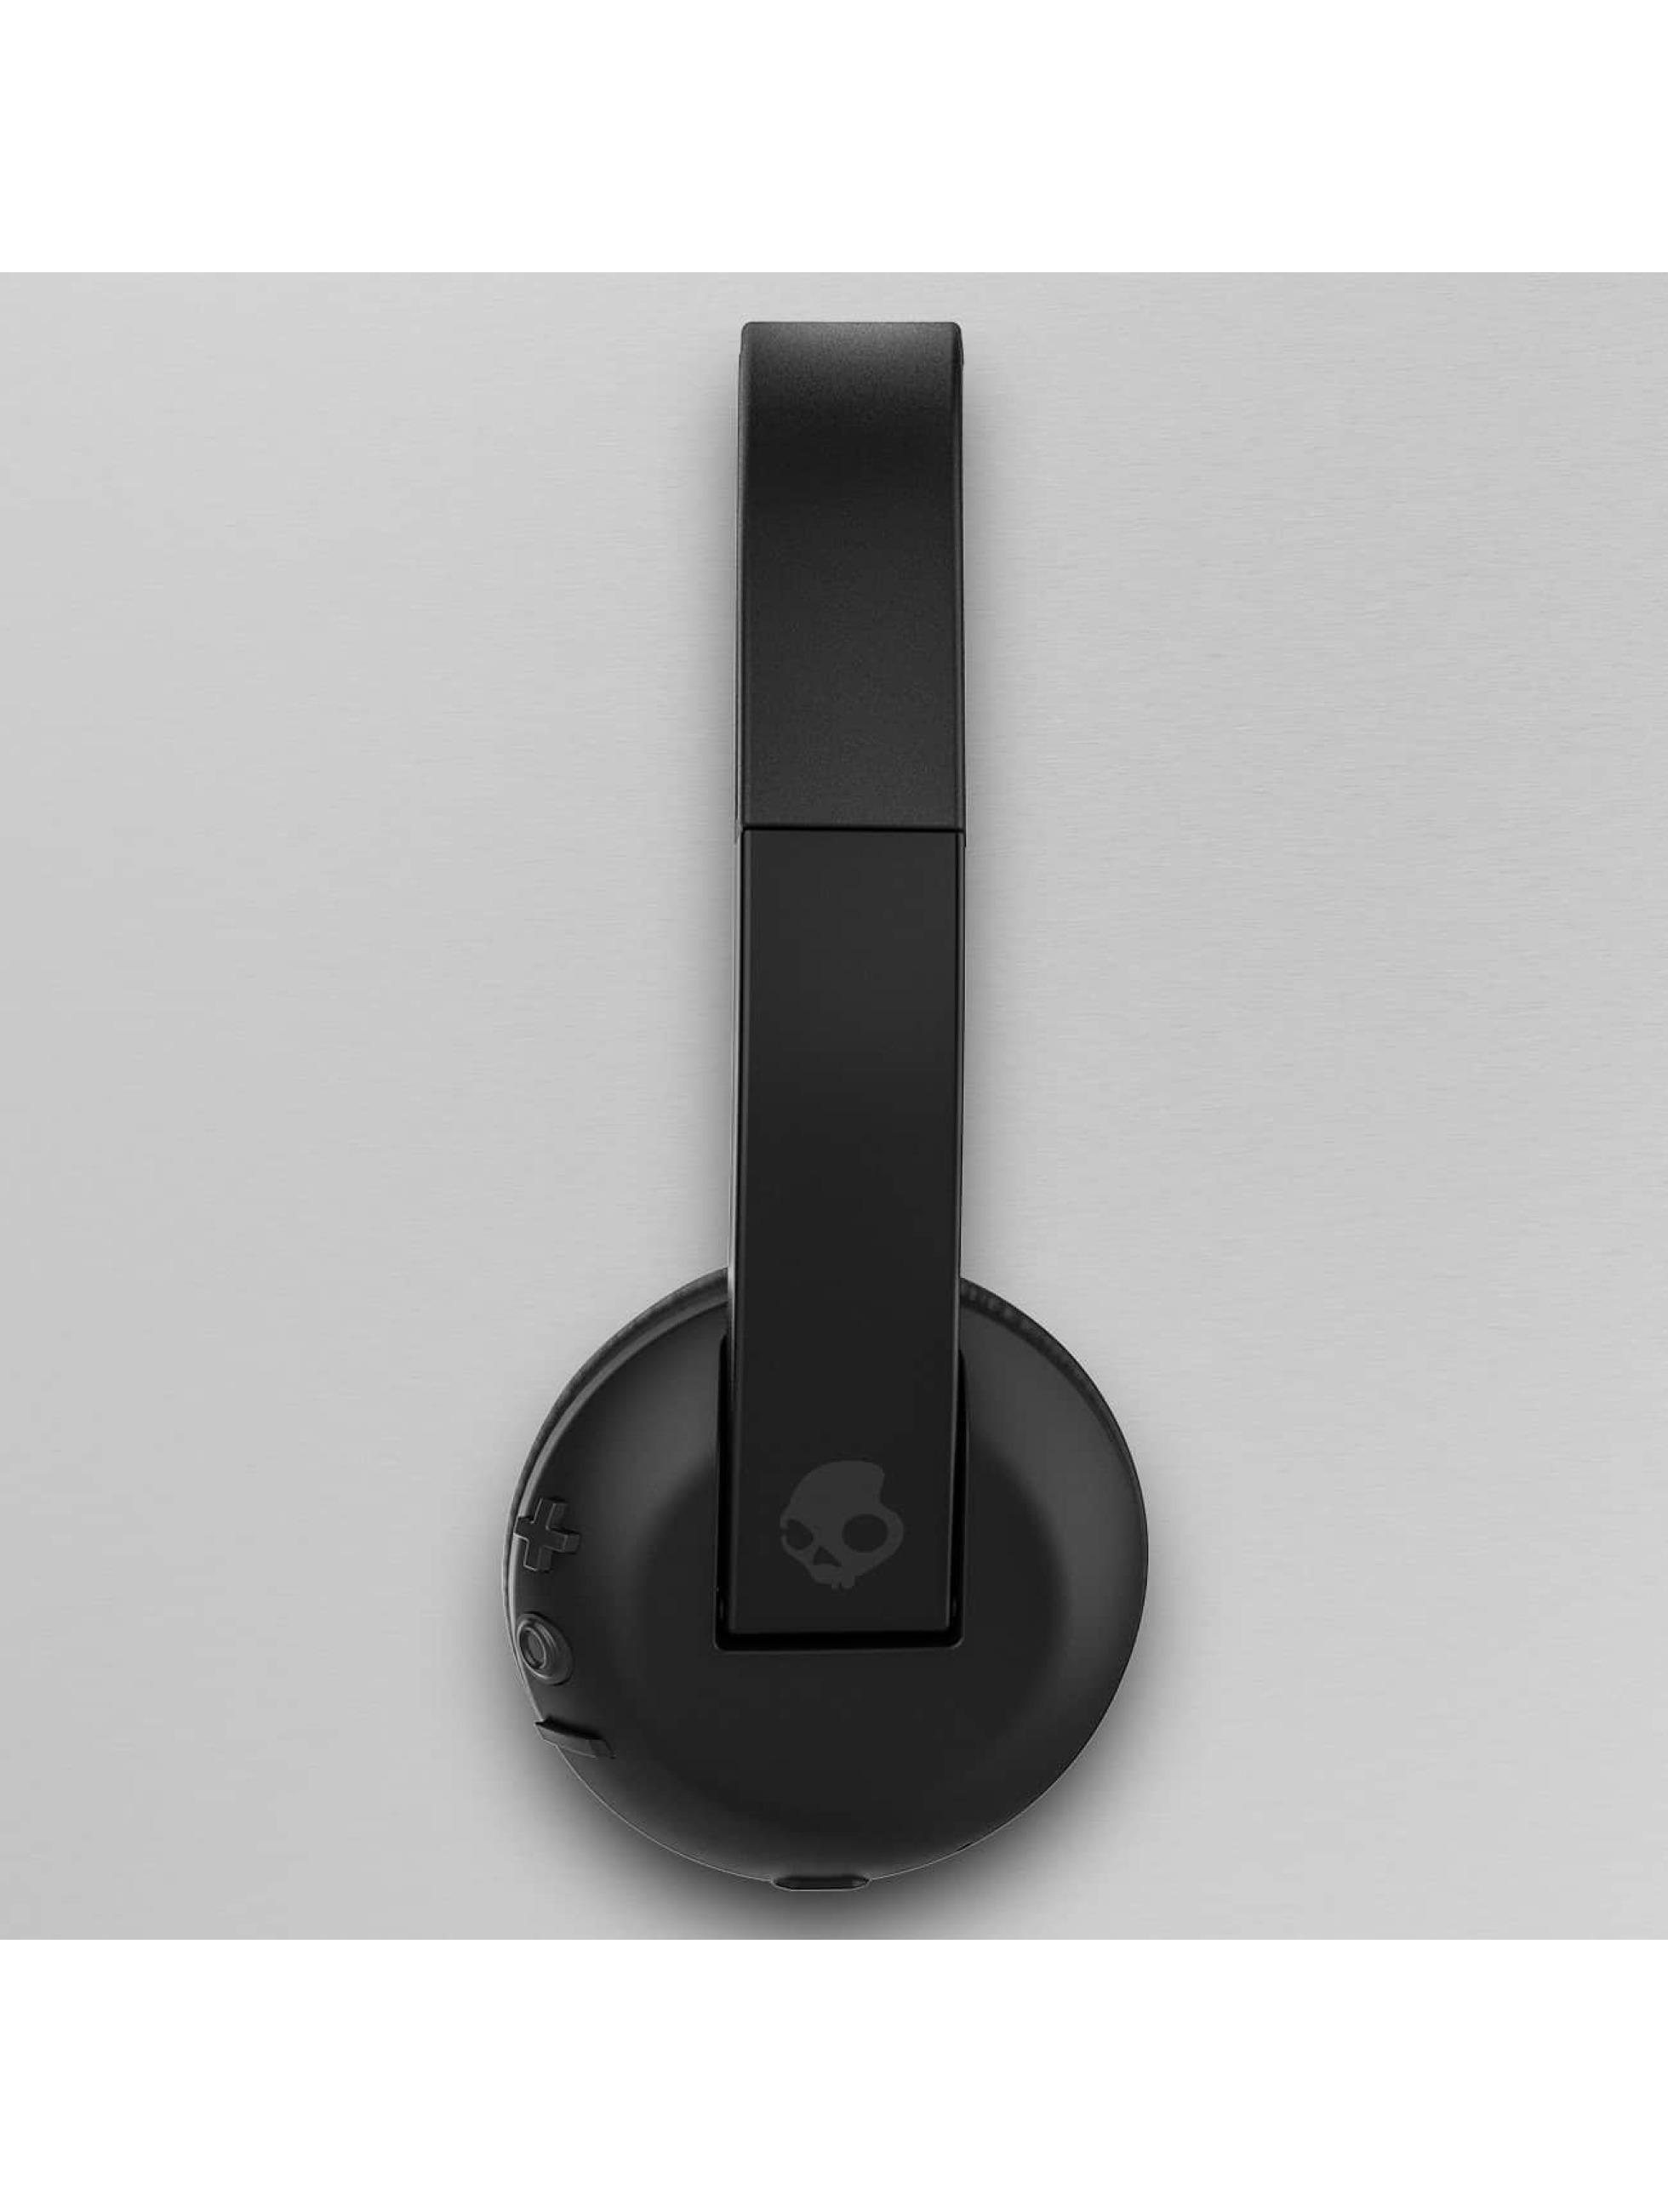 Skullcandy Sluchátka Uproar Wireless On Ear èierna